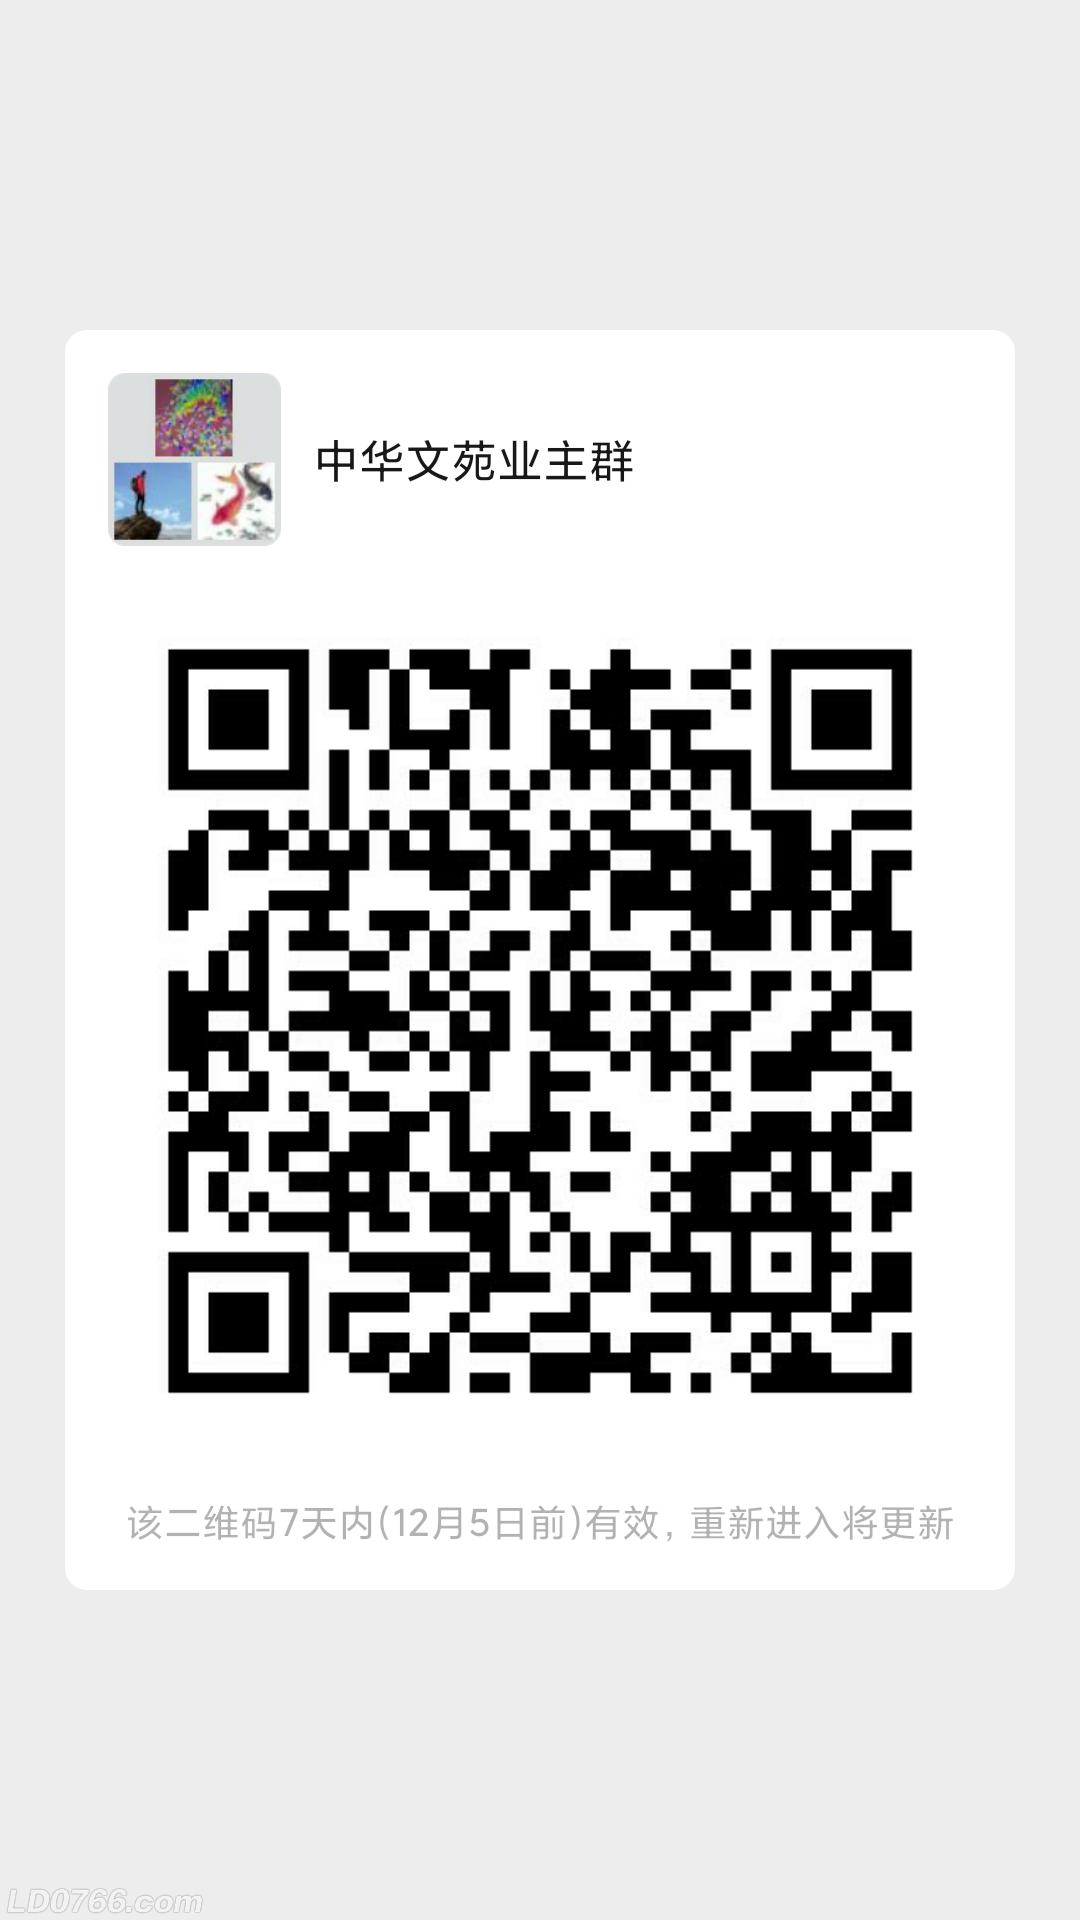 微信图片_20191128095342.png